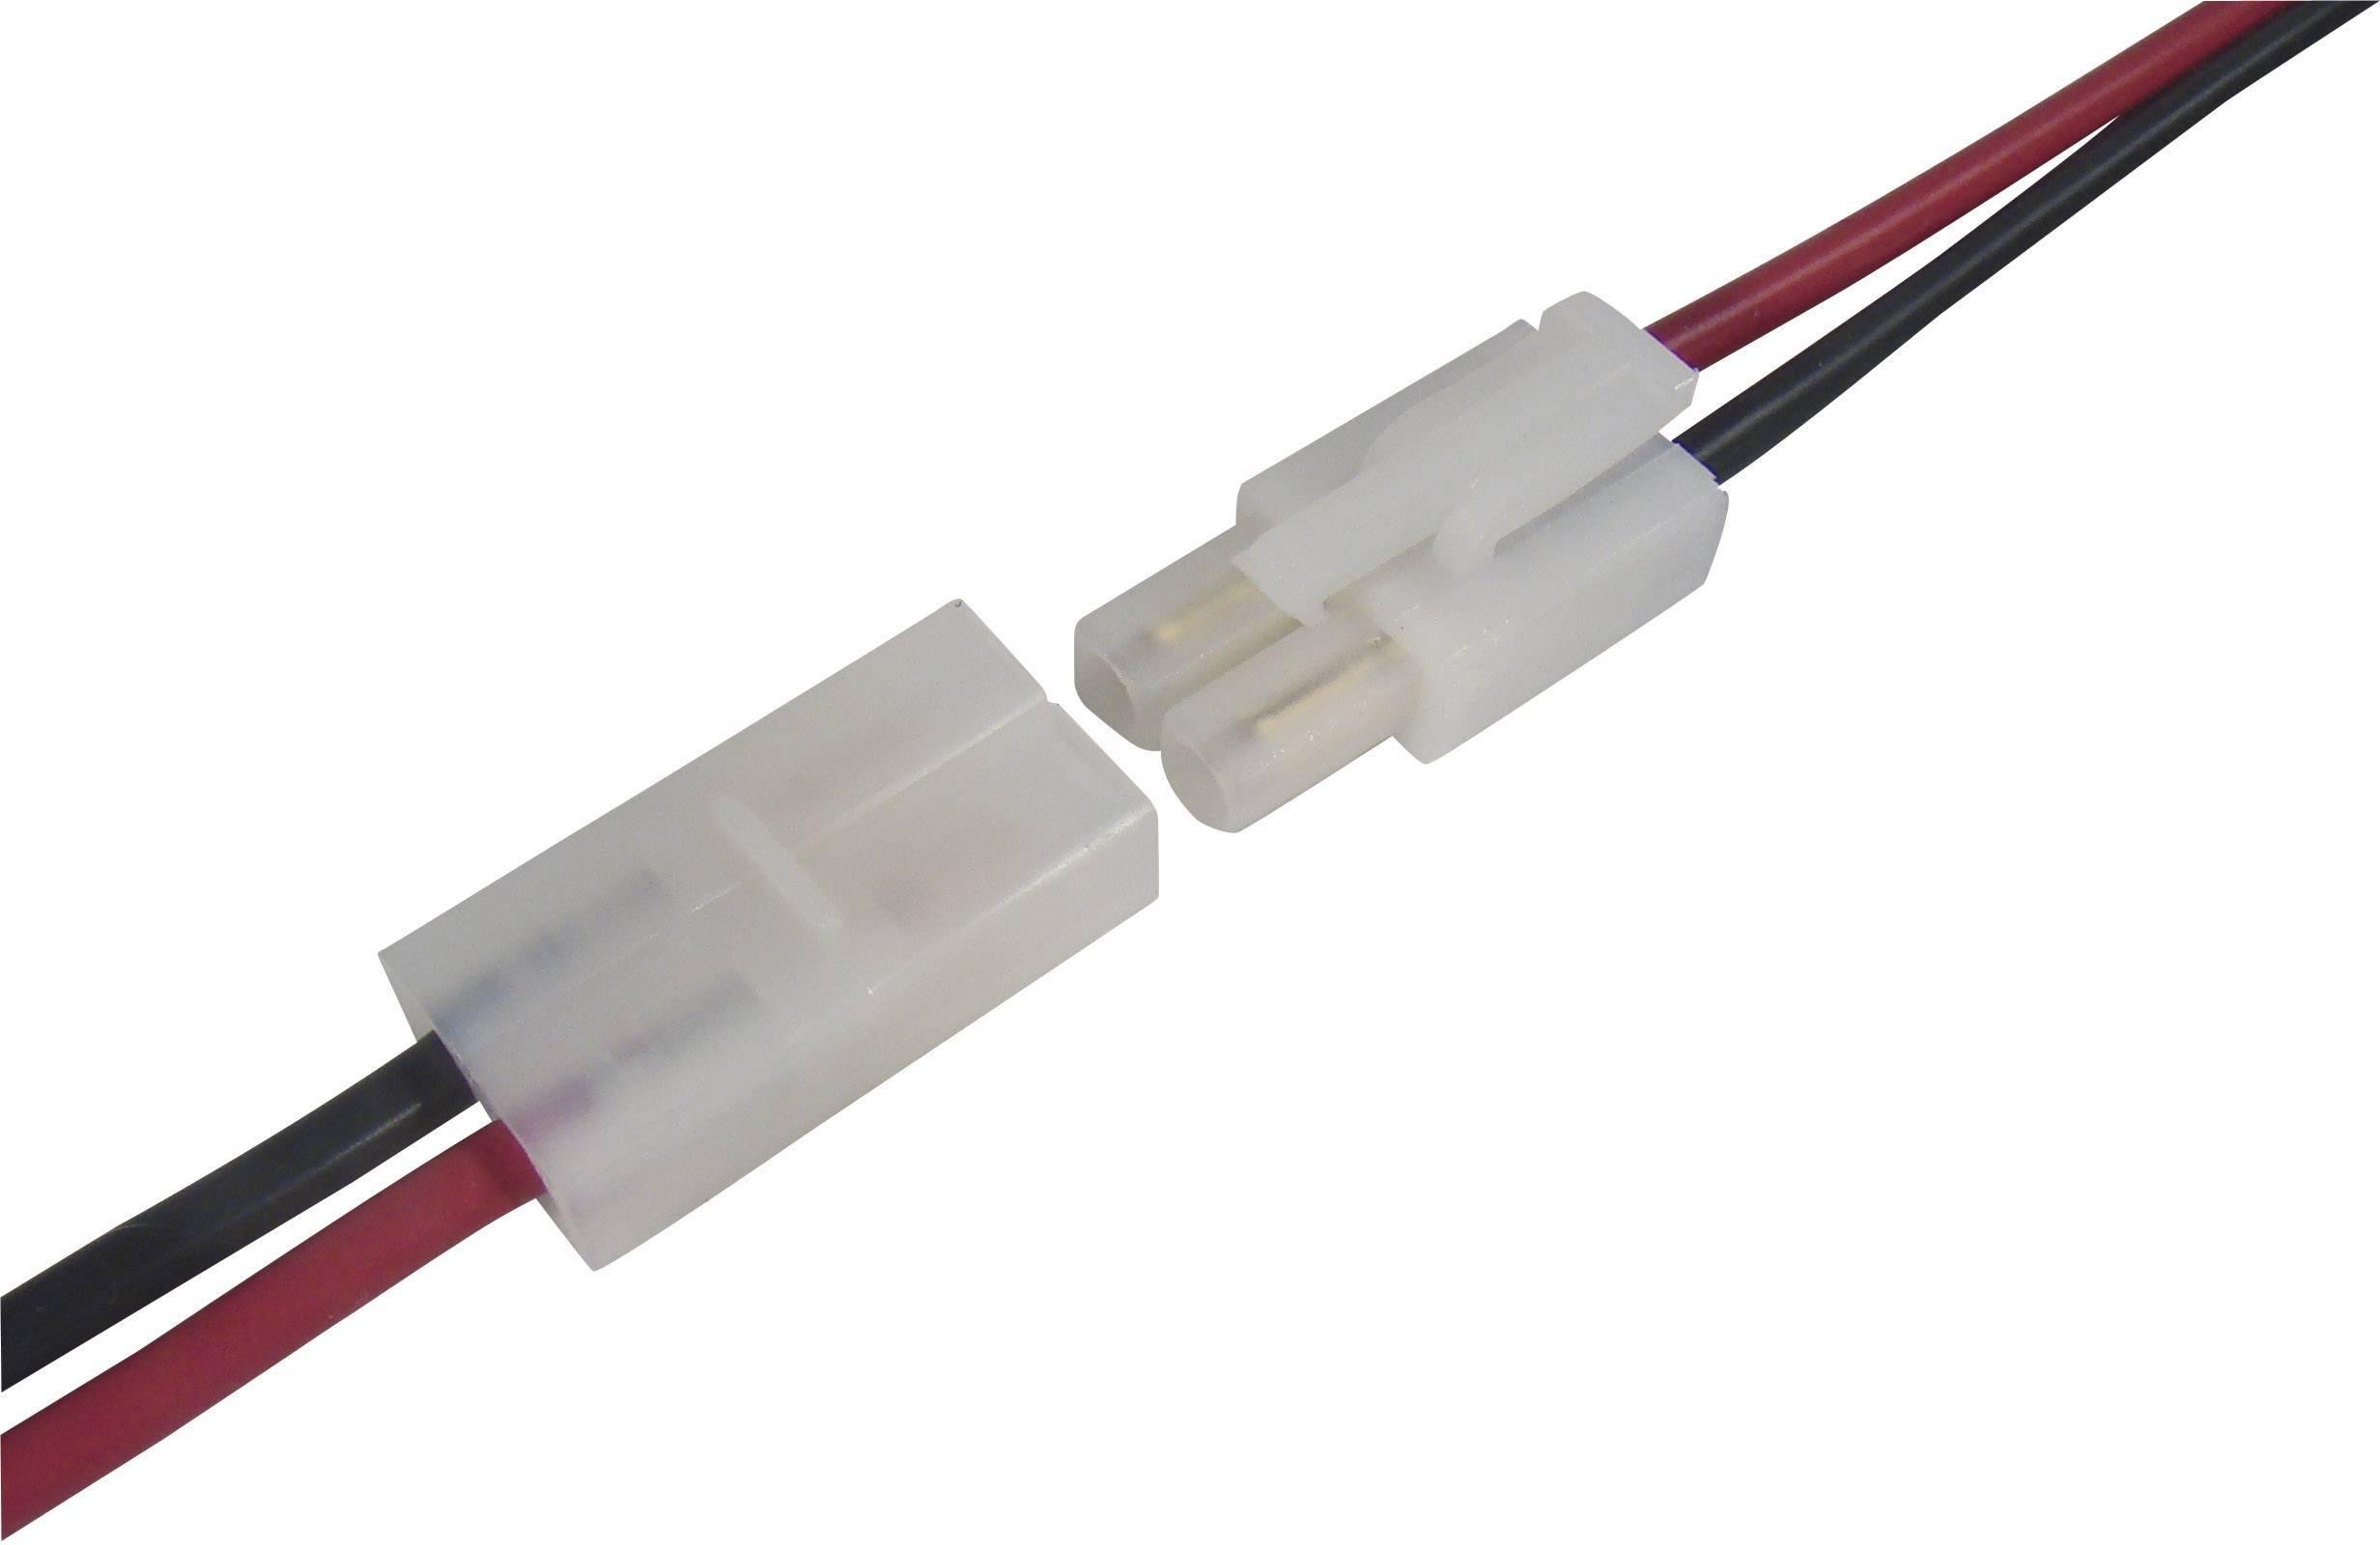 Napájecí kabel Modelcraft, Tamiya zástrčka a zásuvka, 2,5 mm², 1 pár